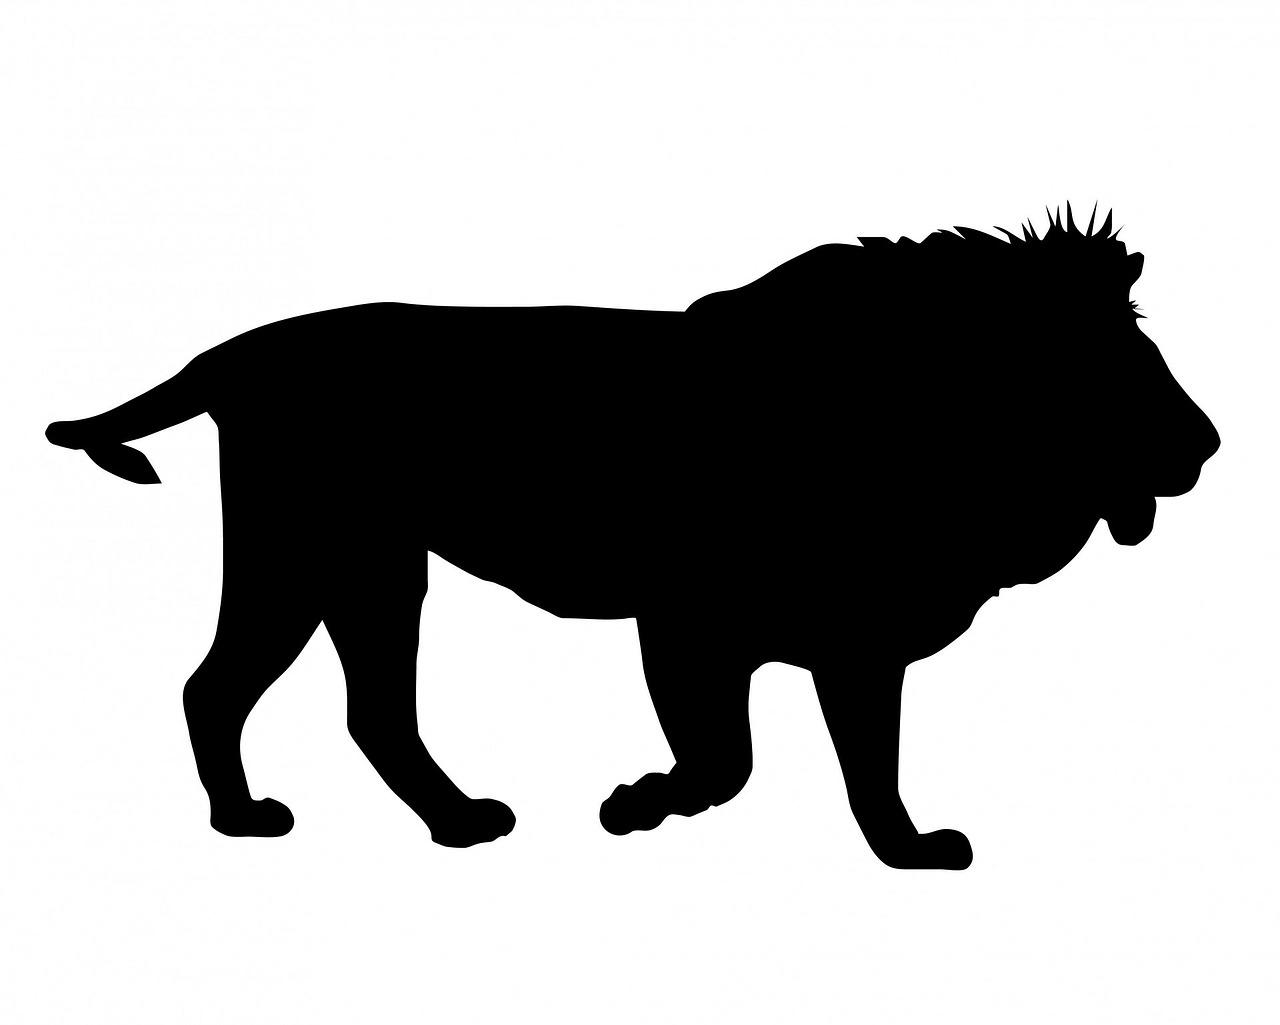 преимущества рисунок силуэты животных маленькие кусочки